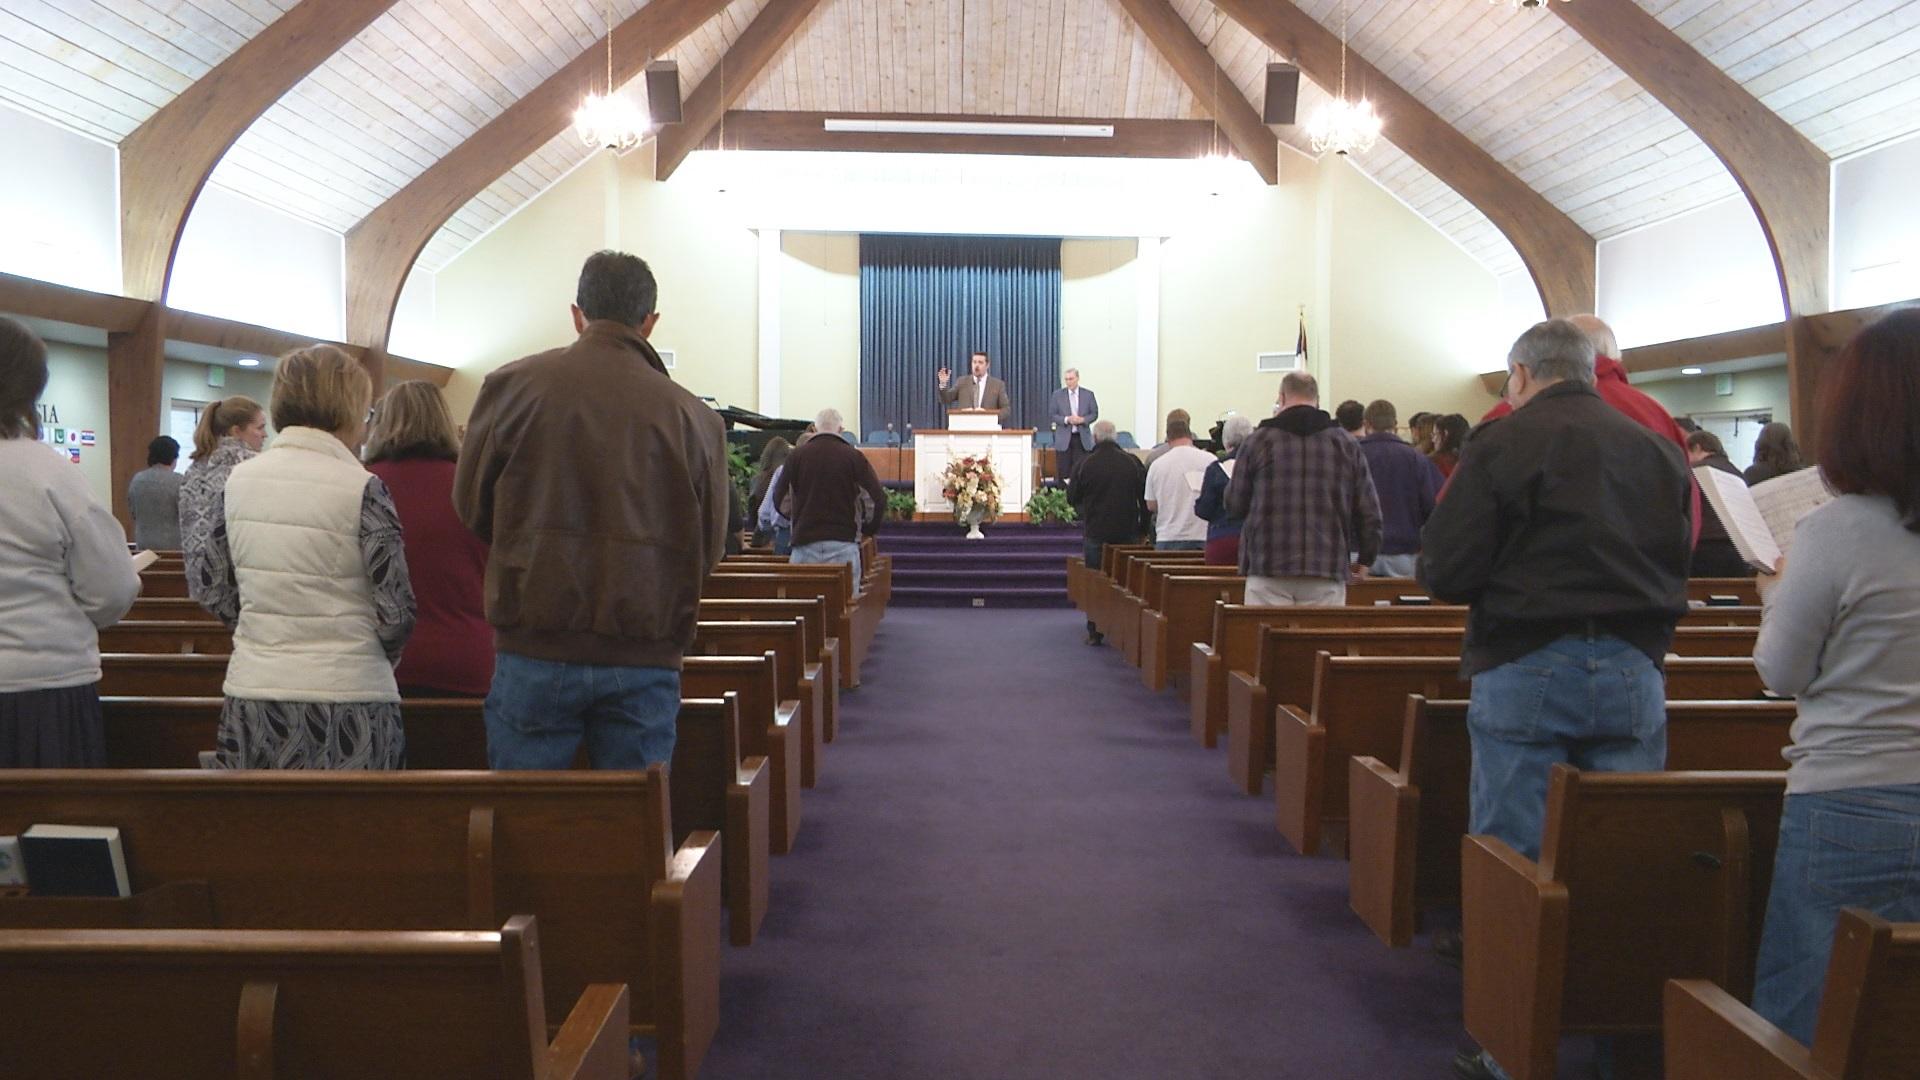 blake smith church service_1518060757154.jpg.jpg